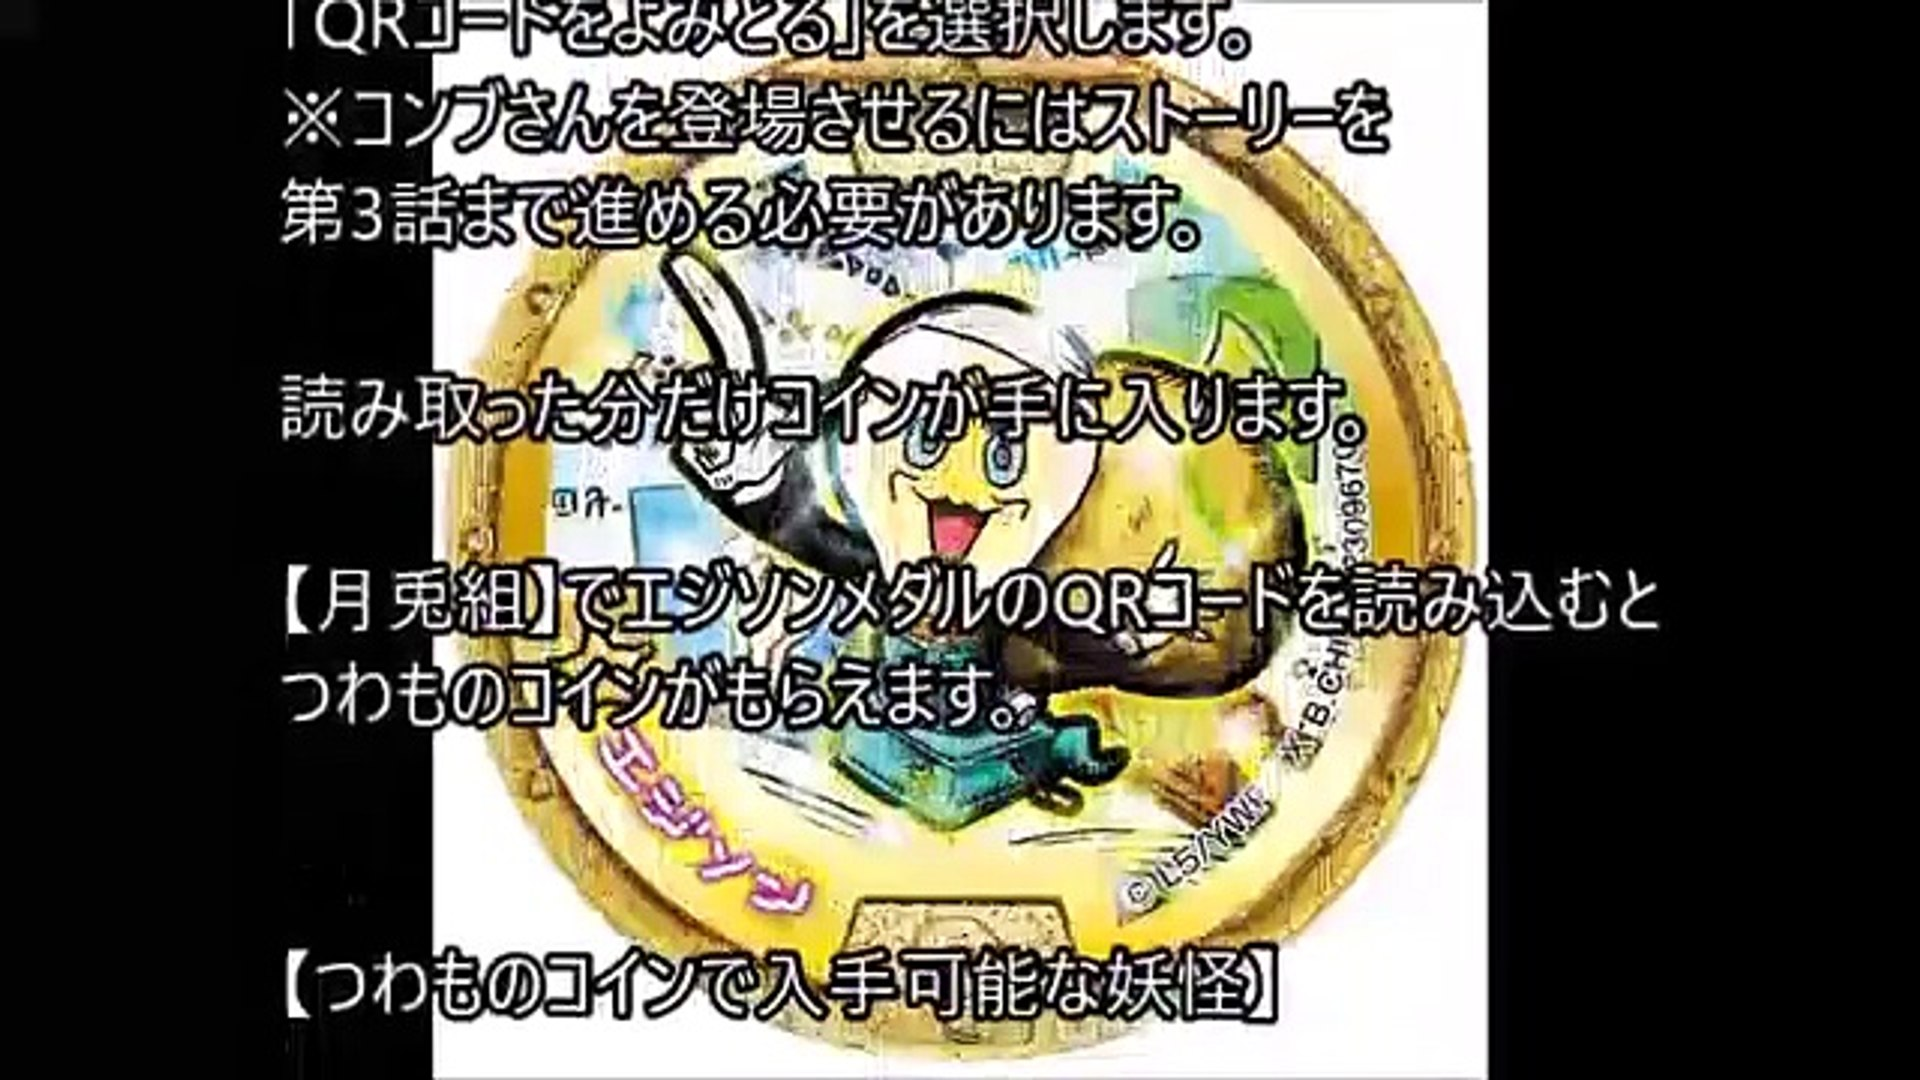 妖怪ウォッチ2真打 スペシャルコイン